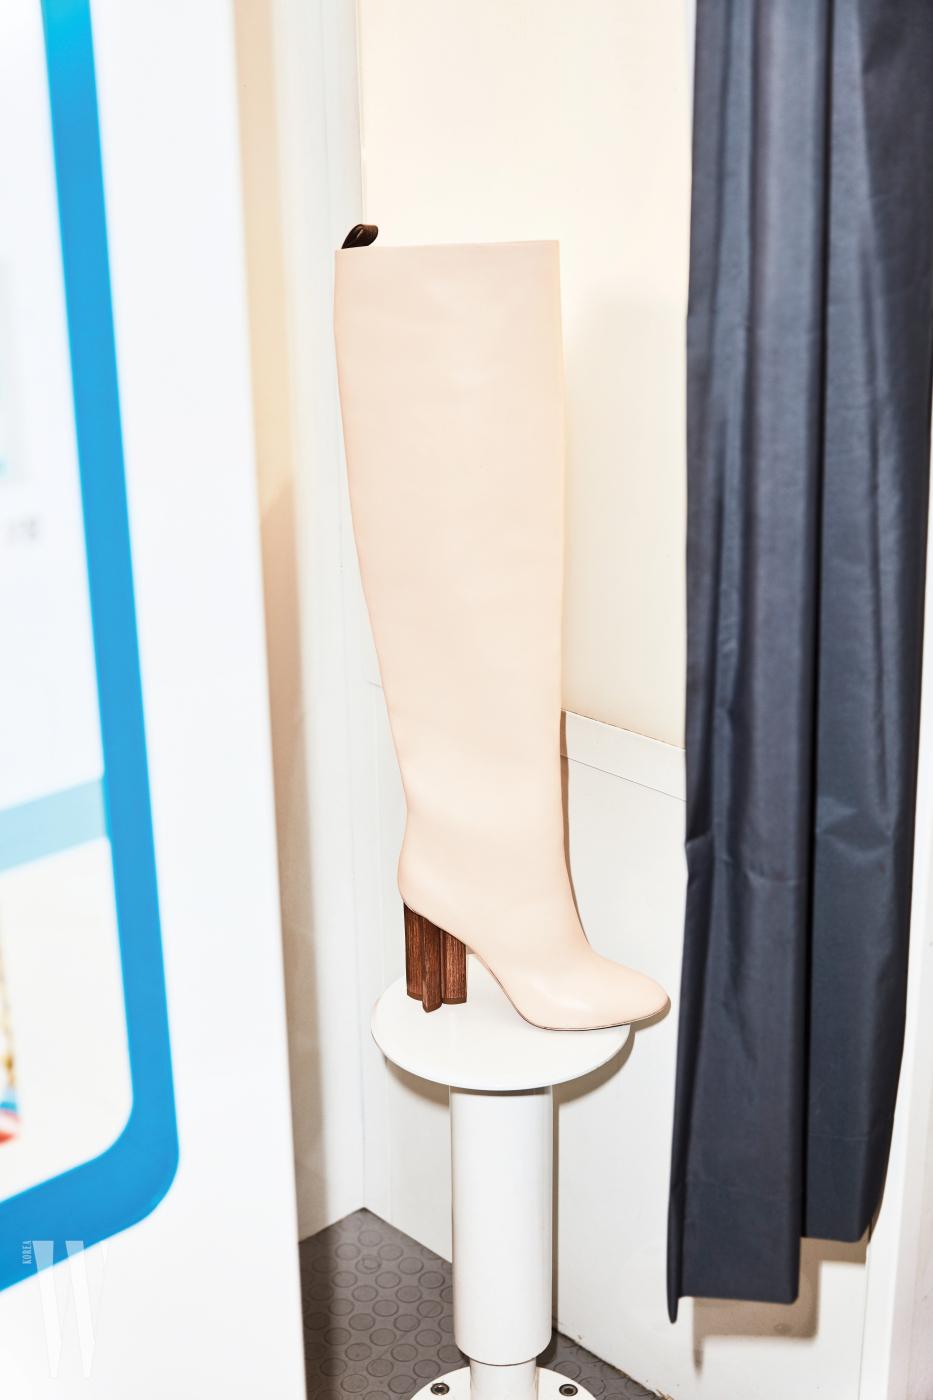 조형적인 나무 굽이 특징인 부츠는 루이 비통 제품. 가격 미정.